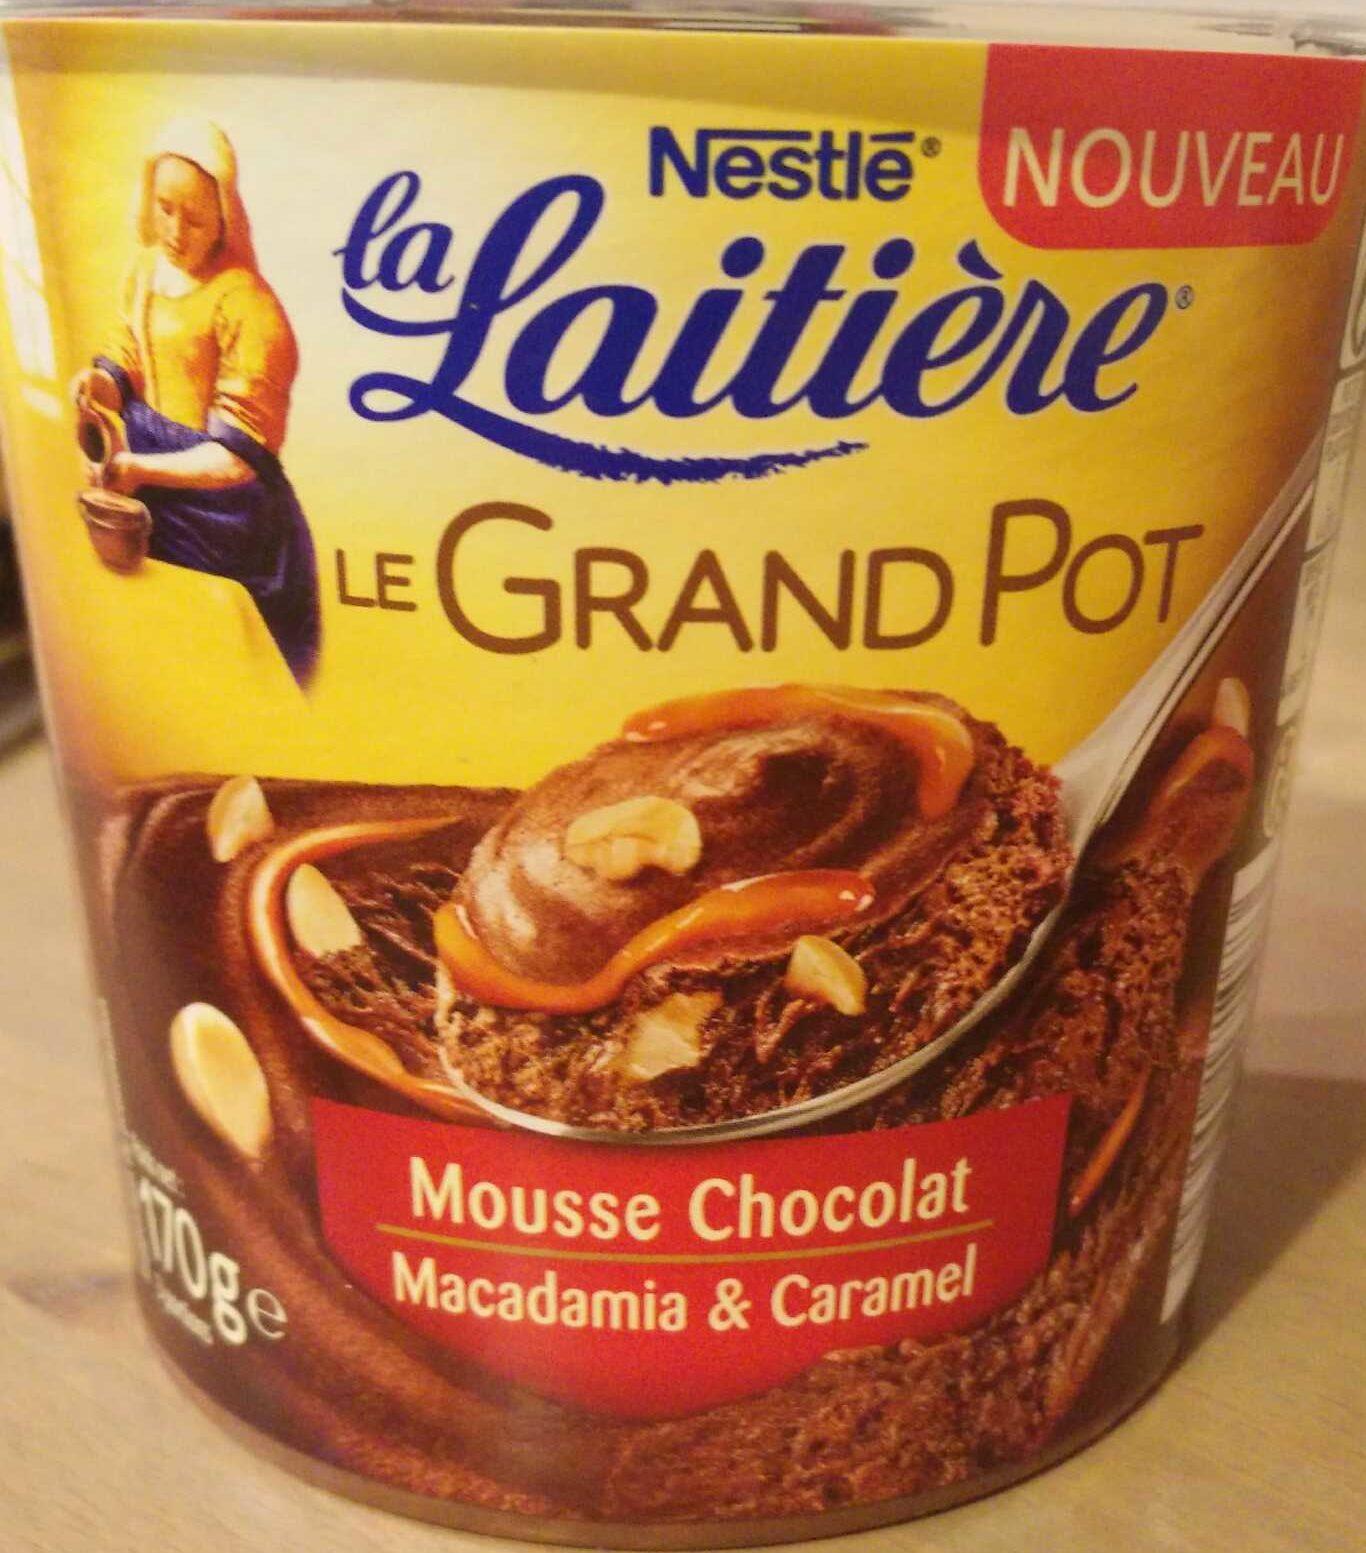 Le Grand Pot Mousse Chocolat, Macadamia & Caramel - Product - fr